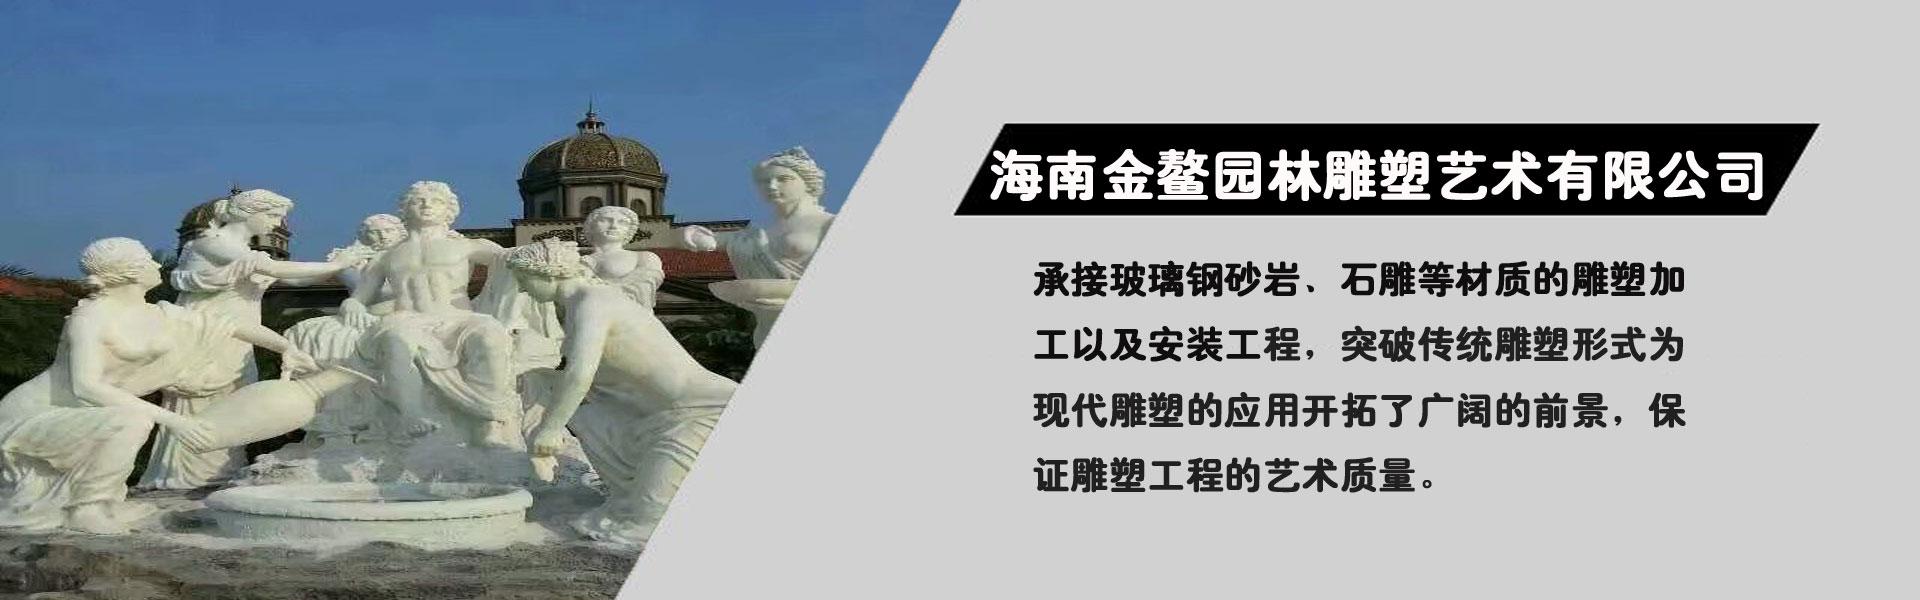 海南雕塑厂家